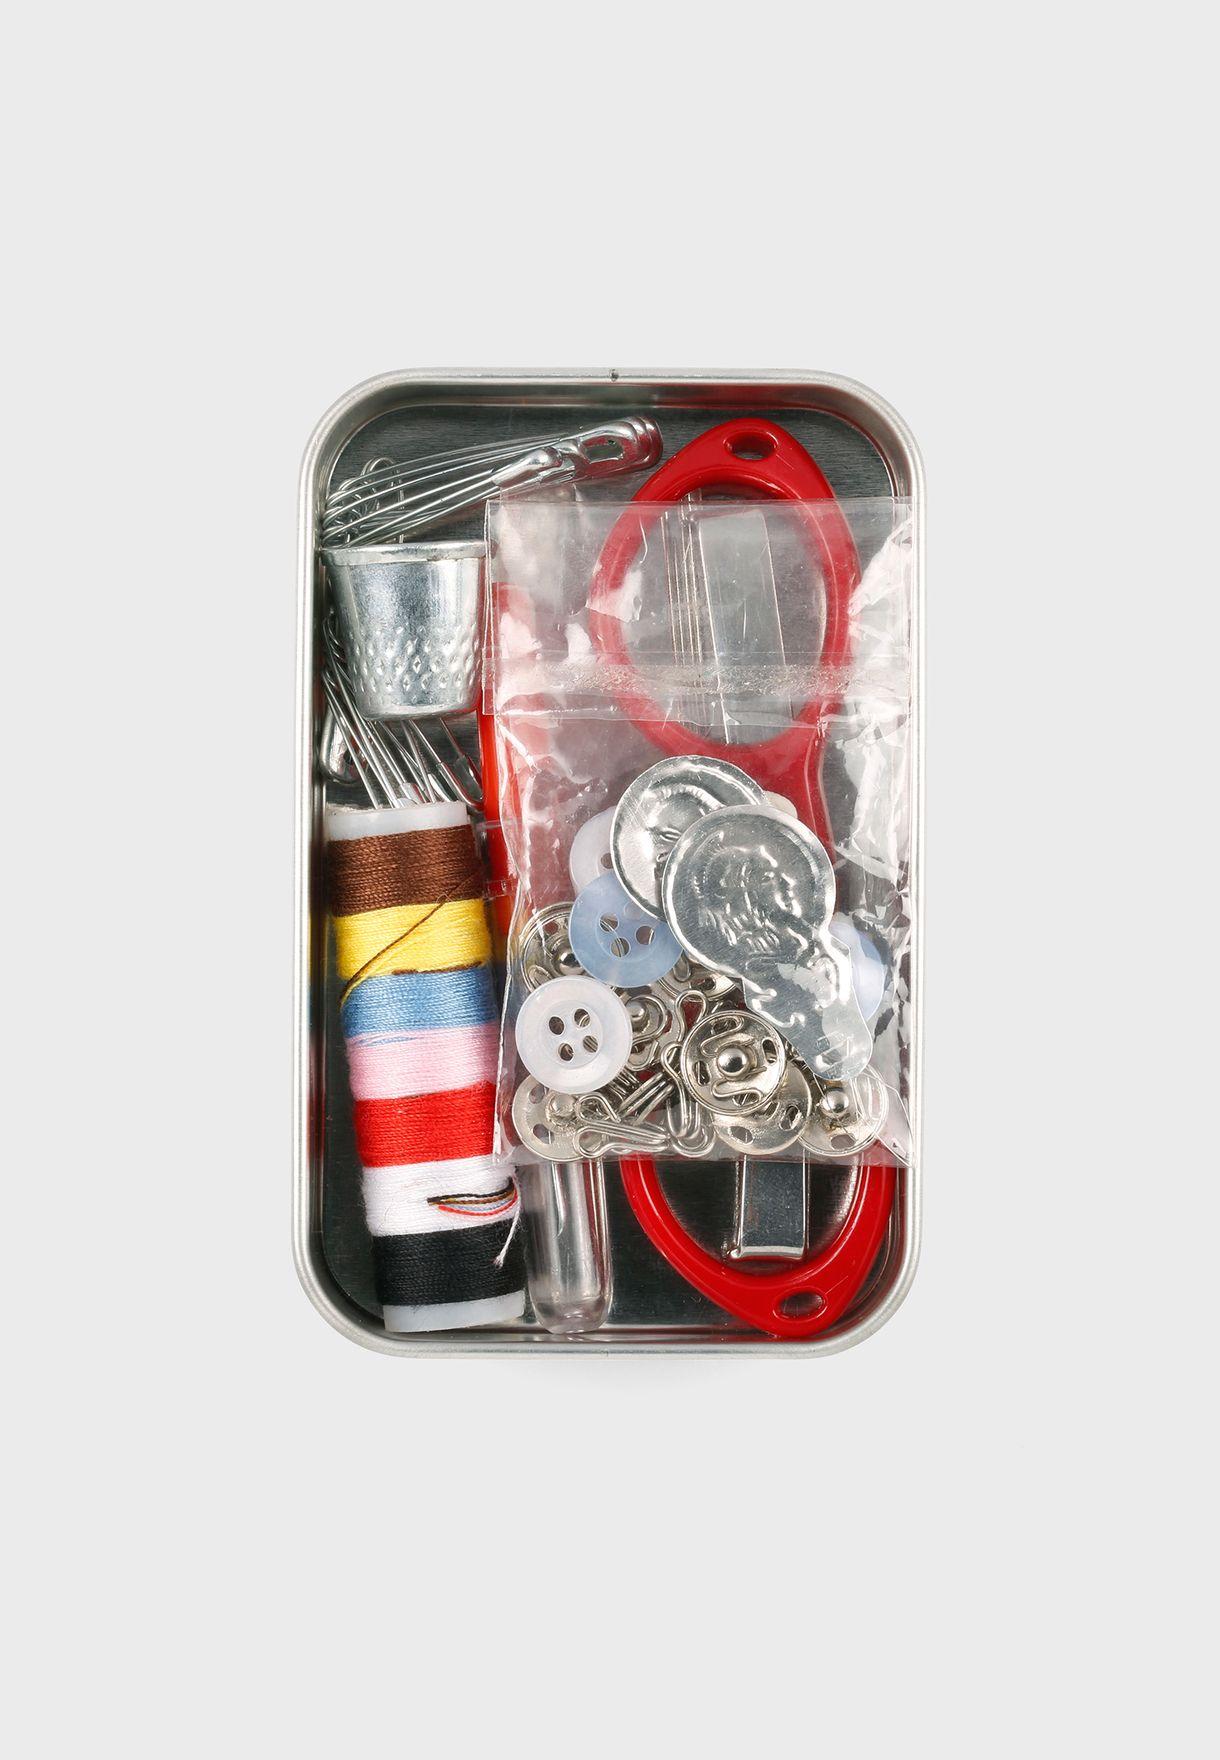 مجموعة ادوات الخياطة